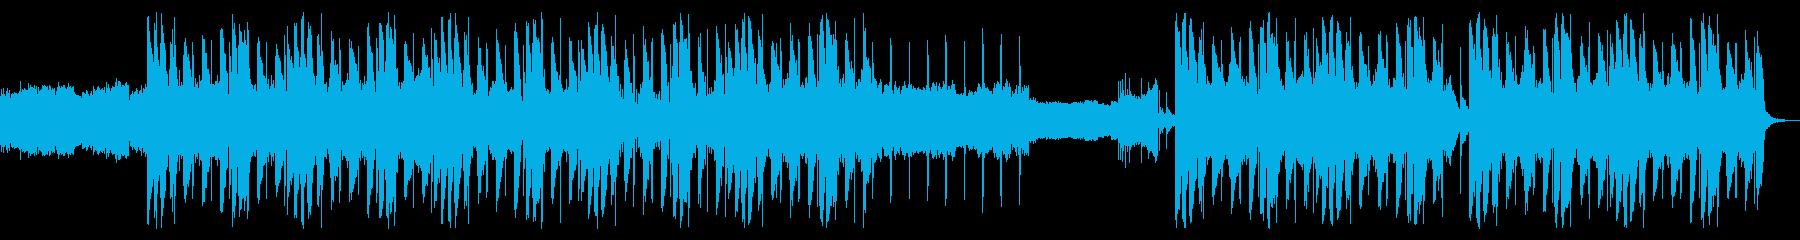 ノスタルジックな昔を思い出すヒップホップの再生済みの波形